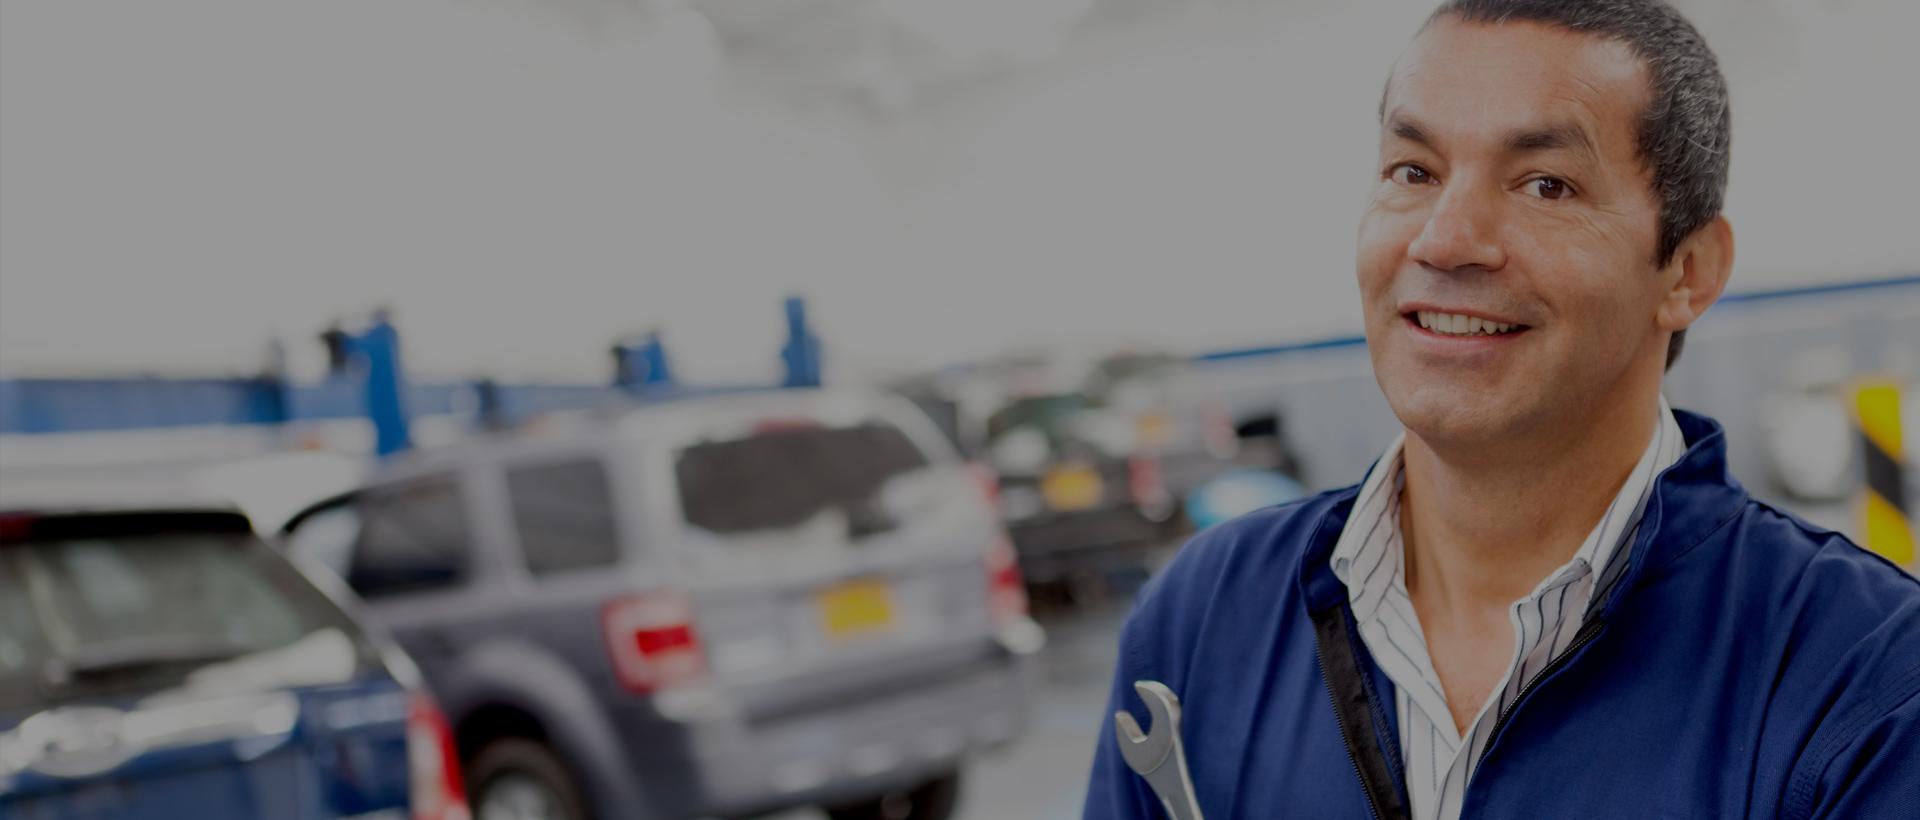 امداد خودرو شیراز ایرانمهر